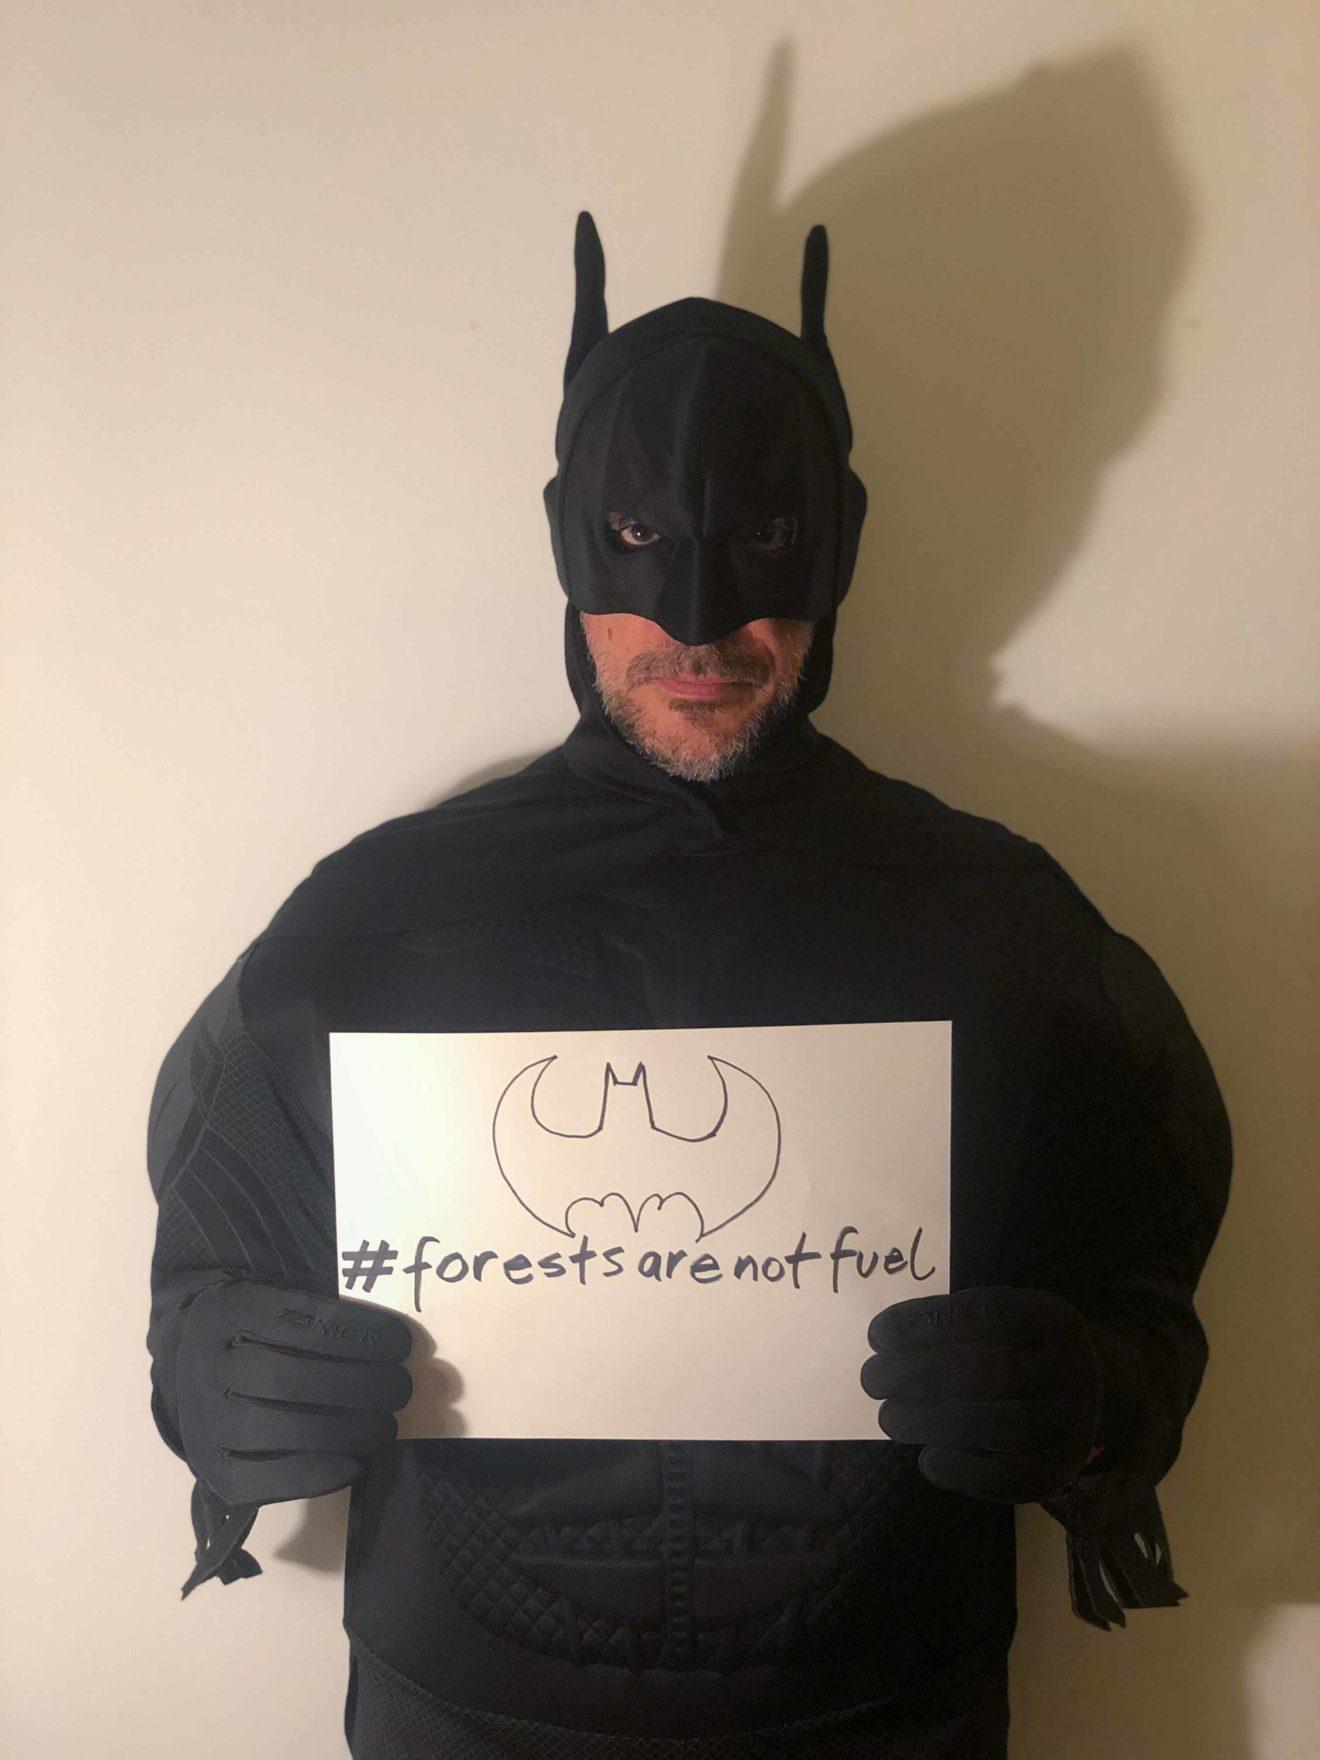 Hashtag-superhero-LT-1